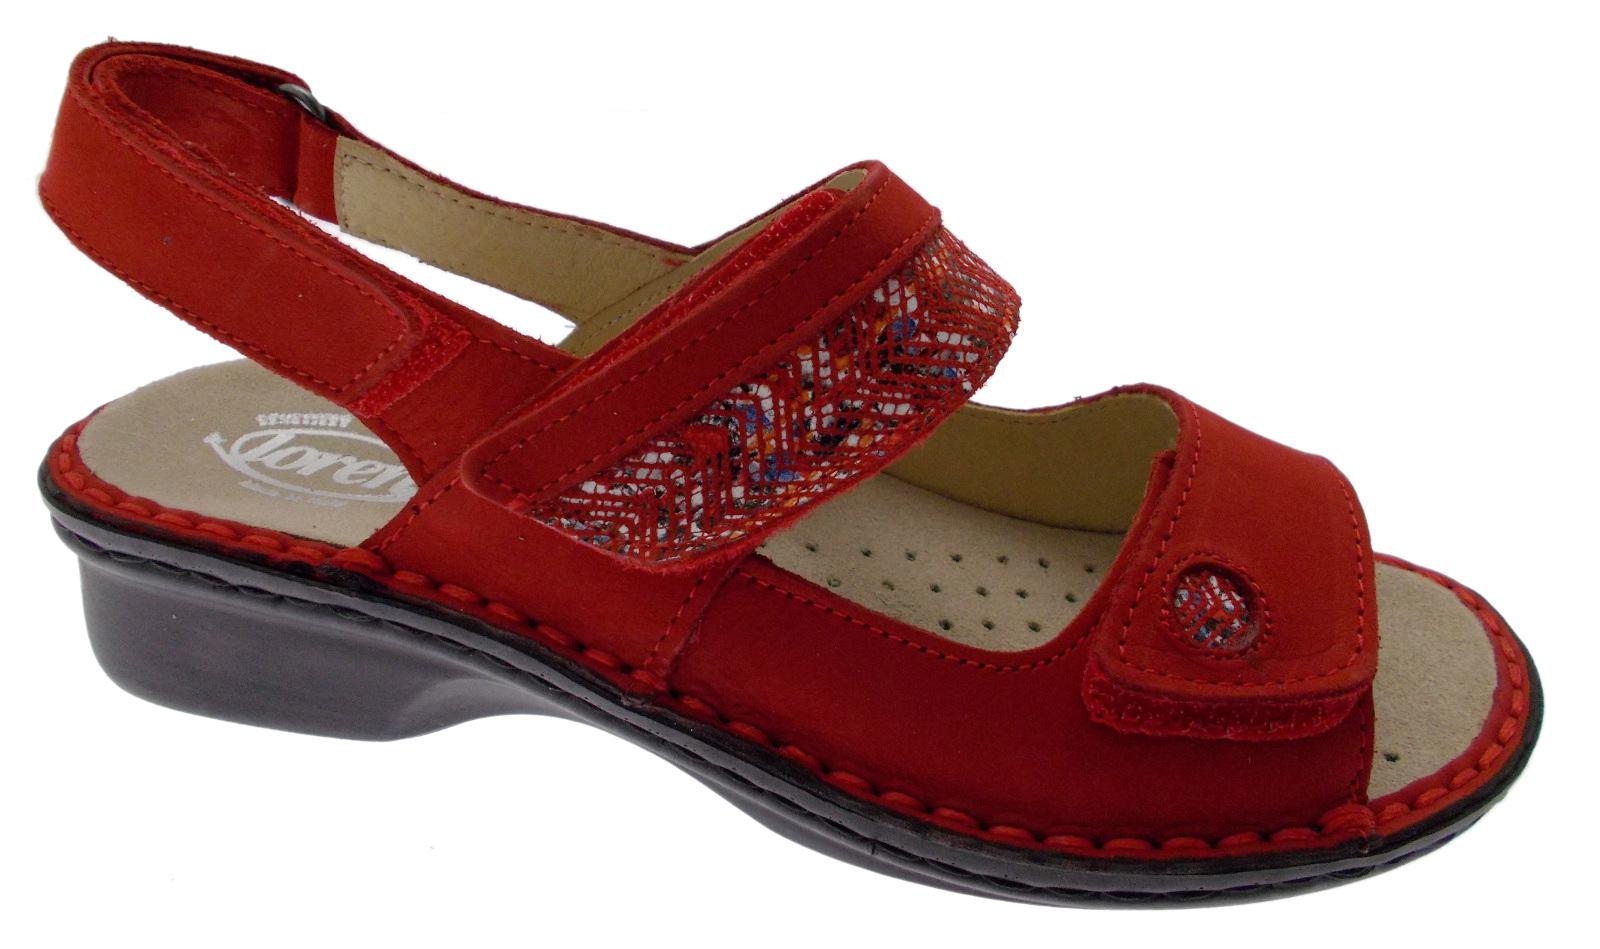 M2716 sandalo rosso extra large ortopedico regolabile Loren